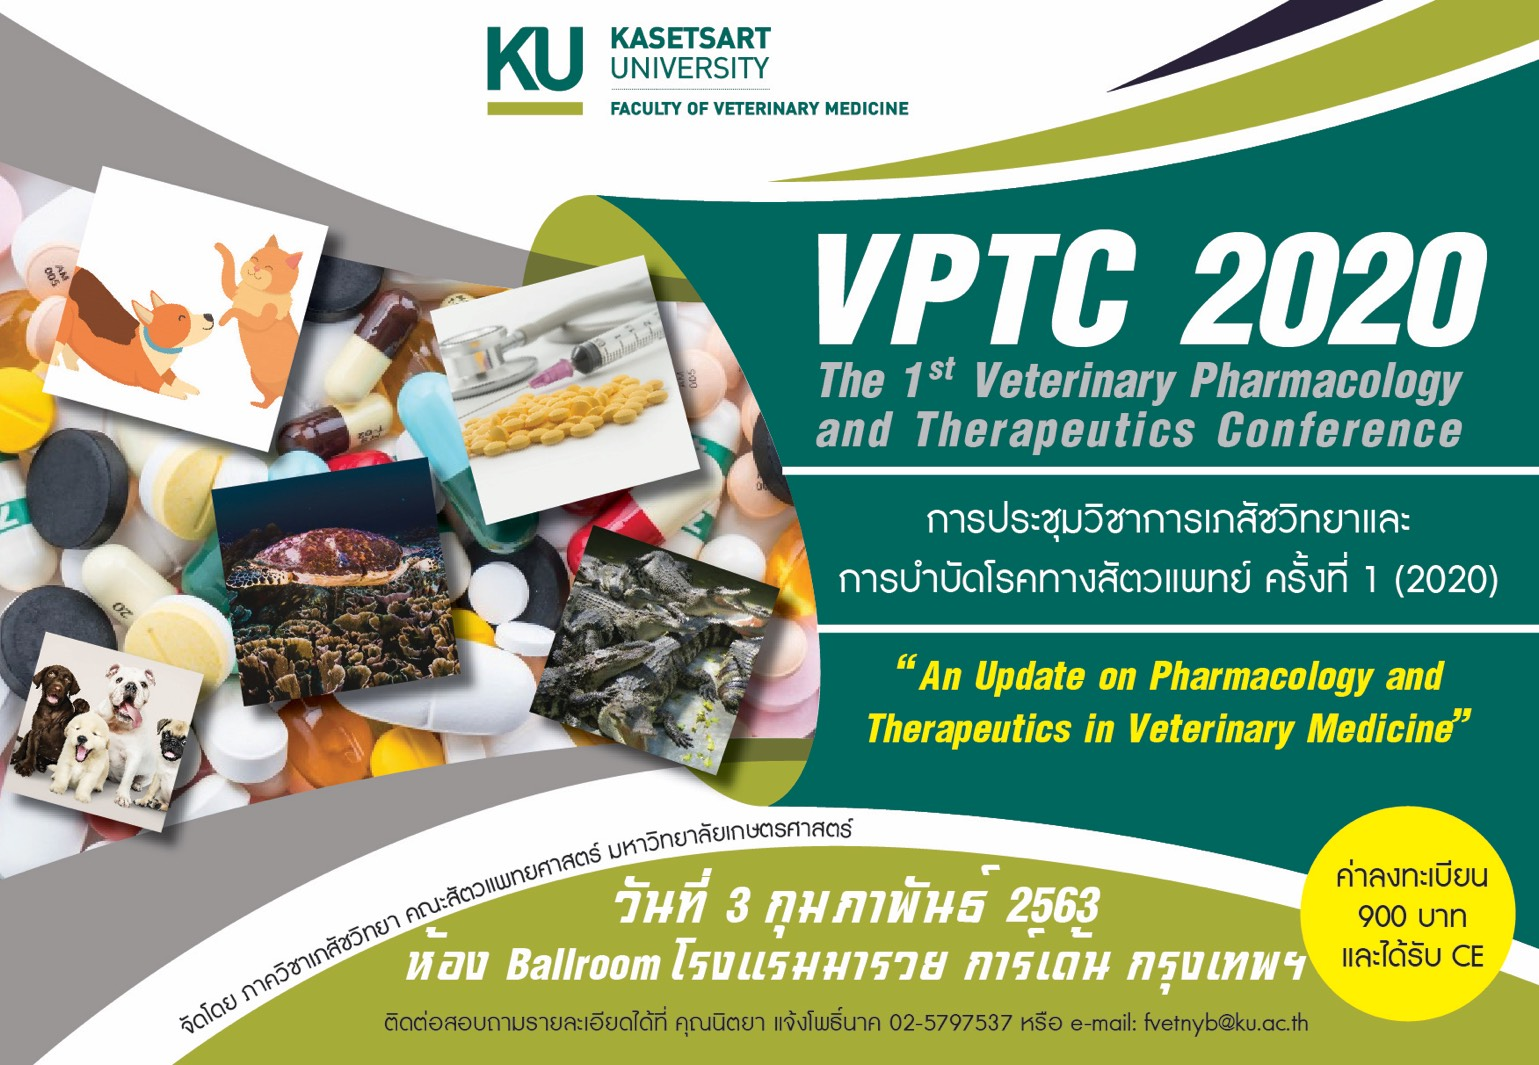 การประชุมวิชาการเภสัชวิทยาและ การบำบัดโรคทางสัตวแพทย์ ครั้งที่ 1